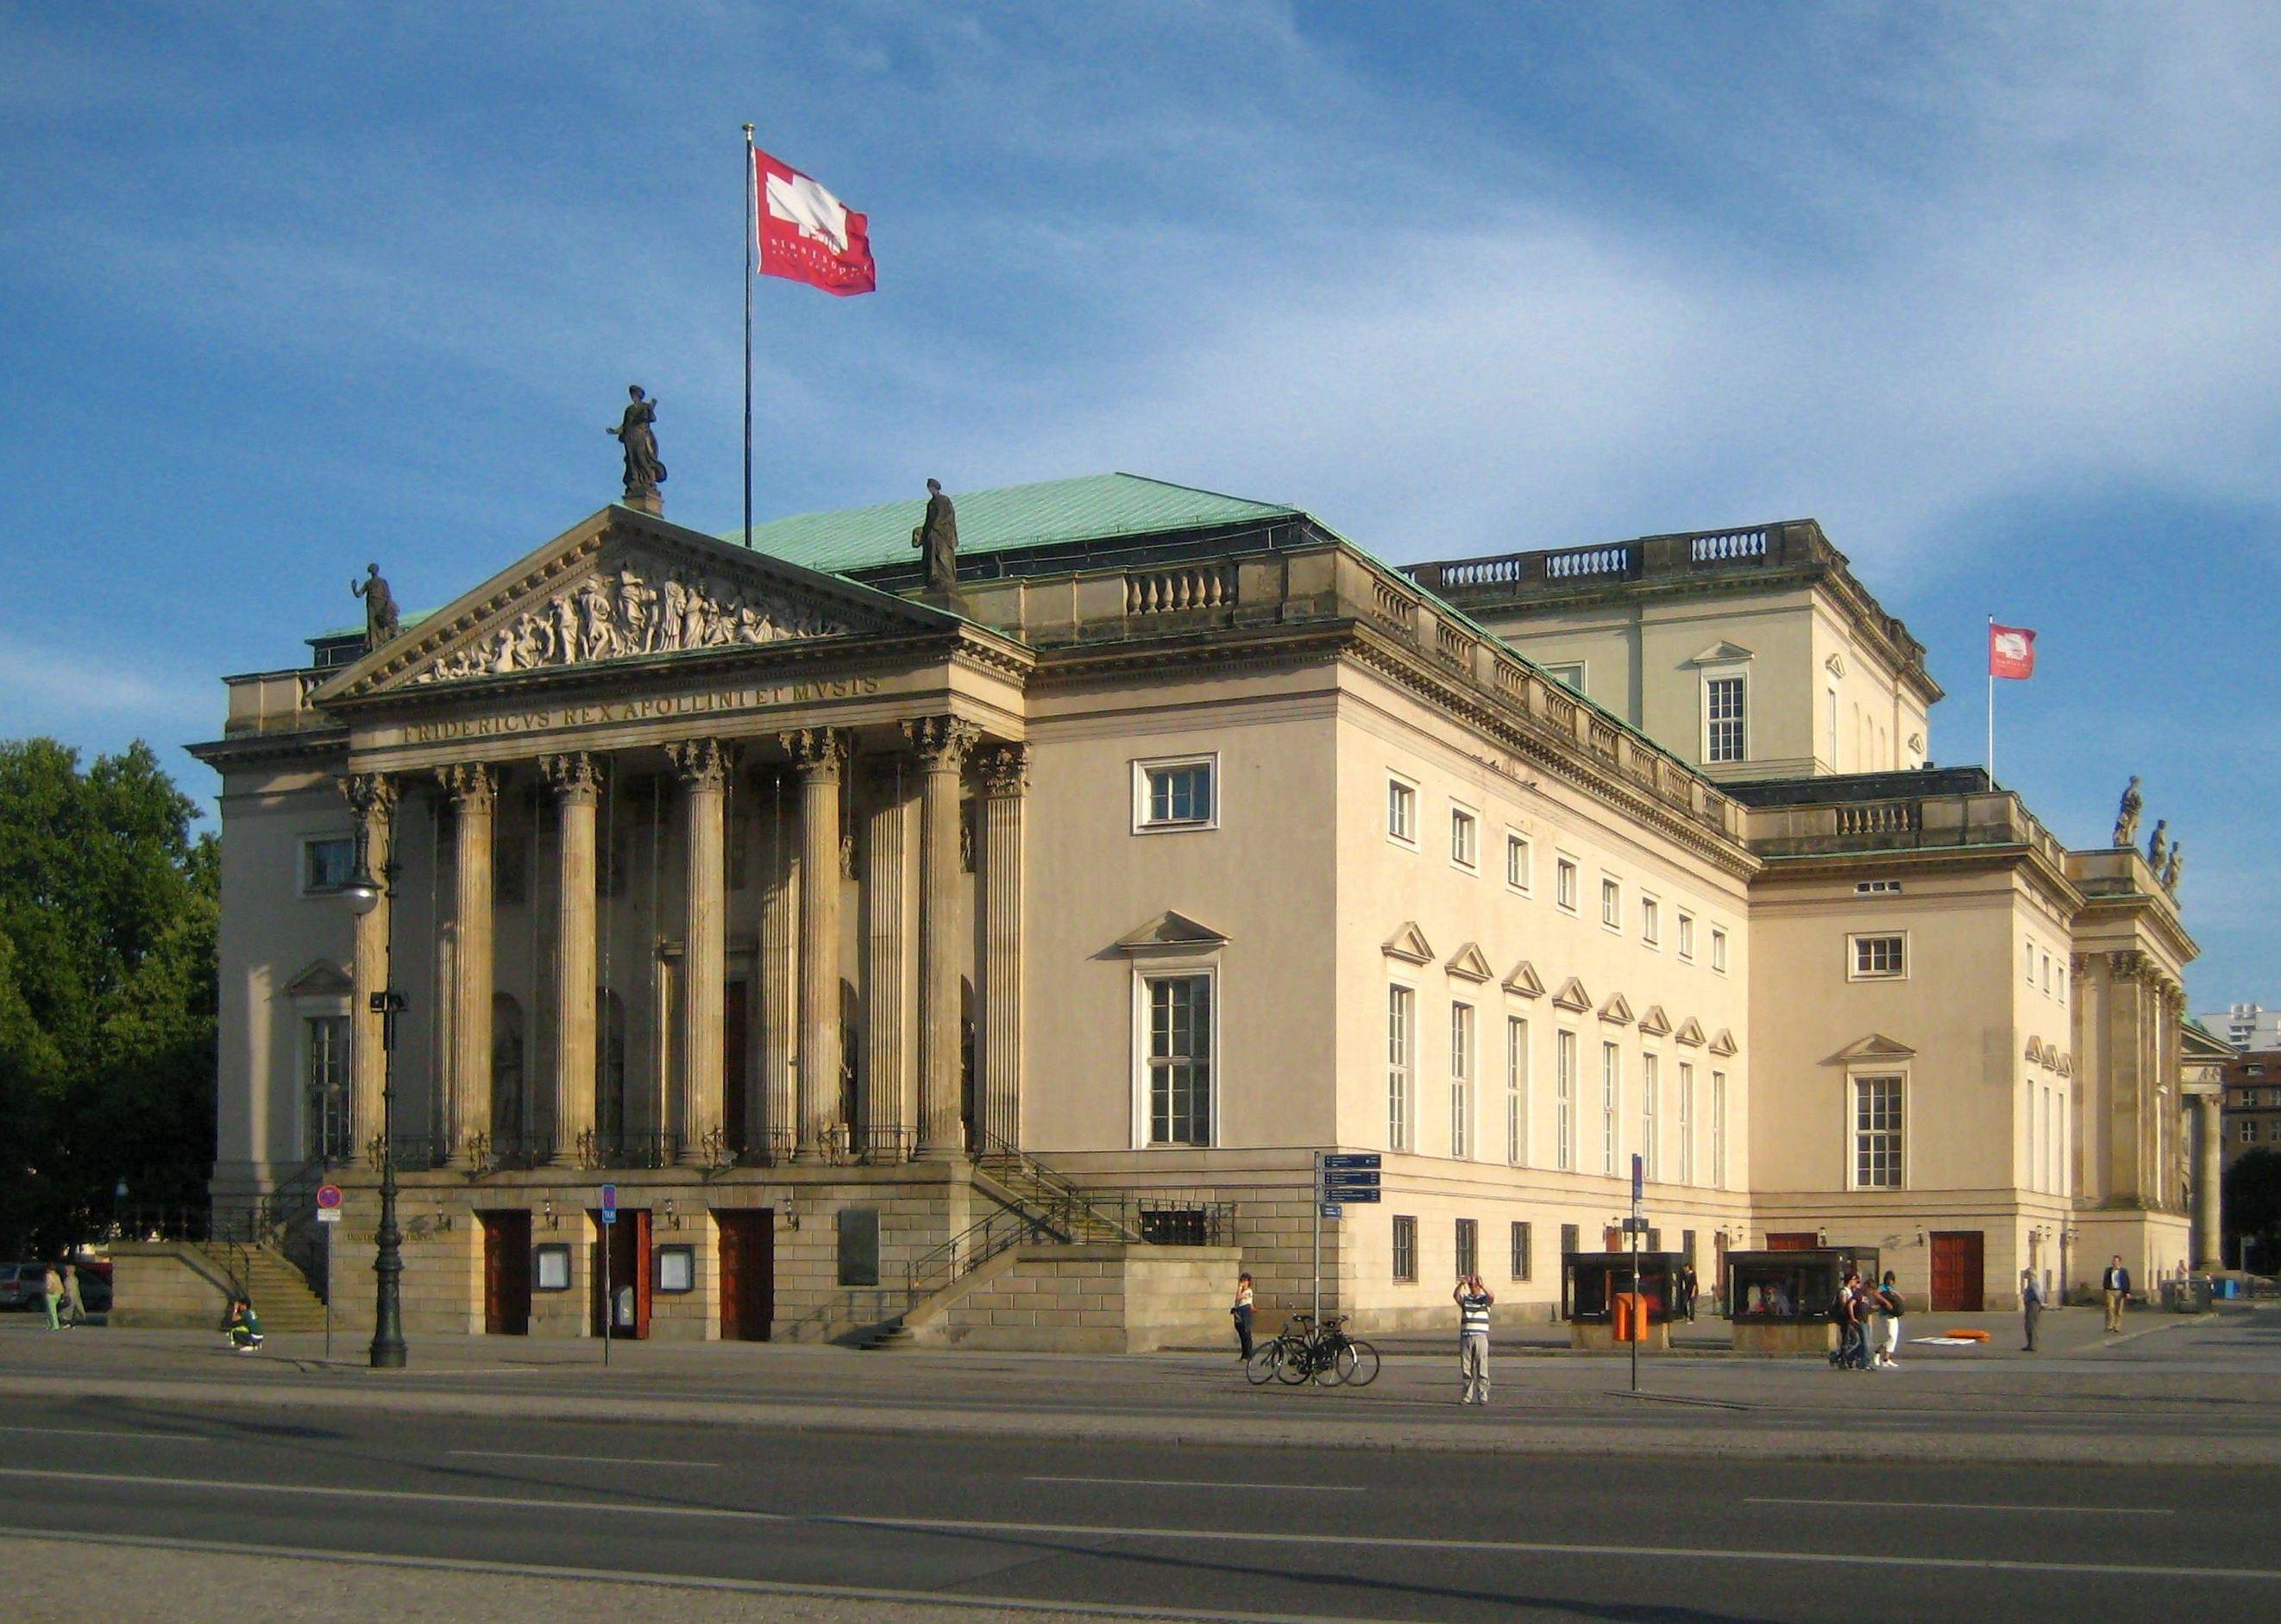 http://upload.wikimedia.org/wikipedia/commons/7/76/Berlin%2C_Mitte%2C_Unter_den_Linden%2C_Staatsoper_02.jpg